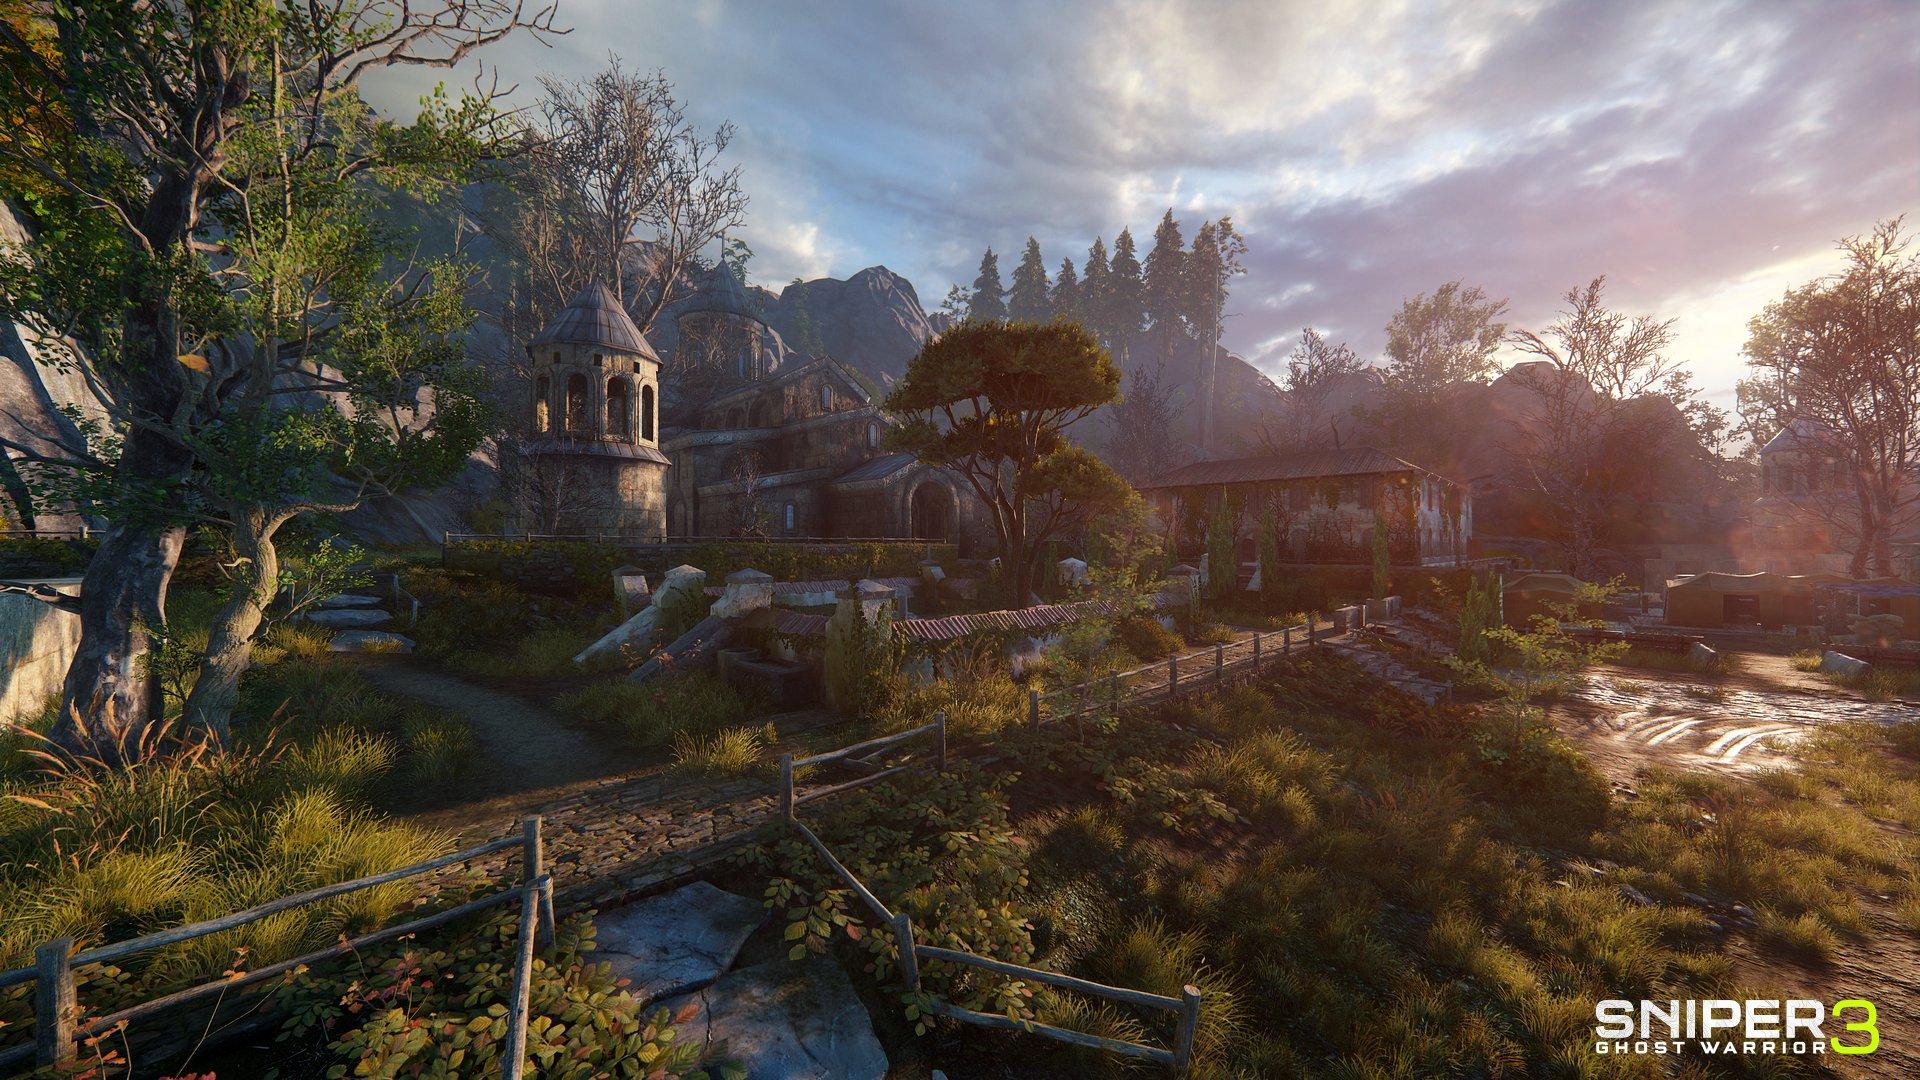 В мультиплеерном трейлере Sniper: Ghost Warrior 3 показали игровые локации и перестрелки